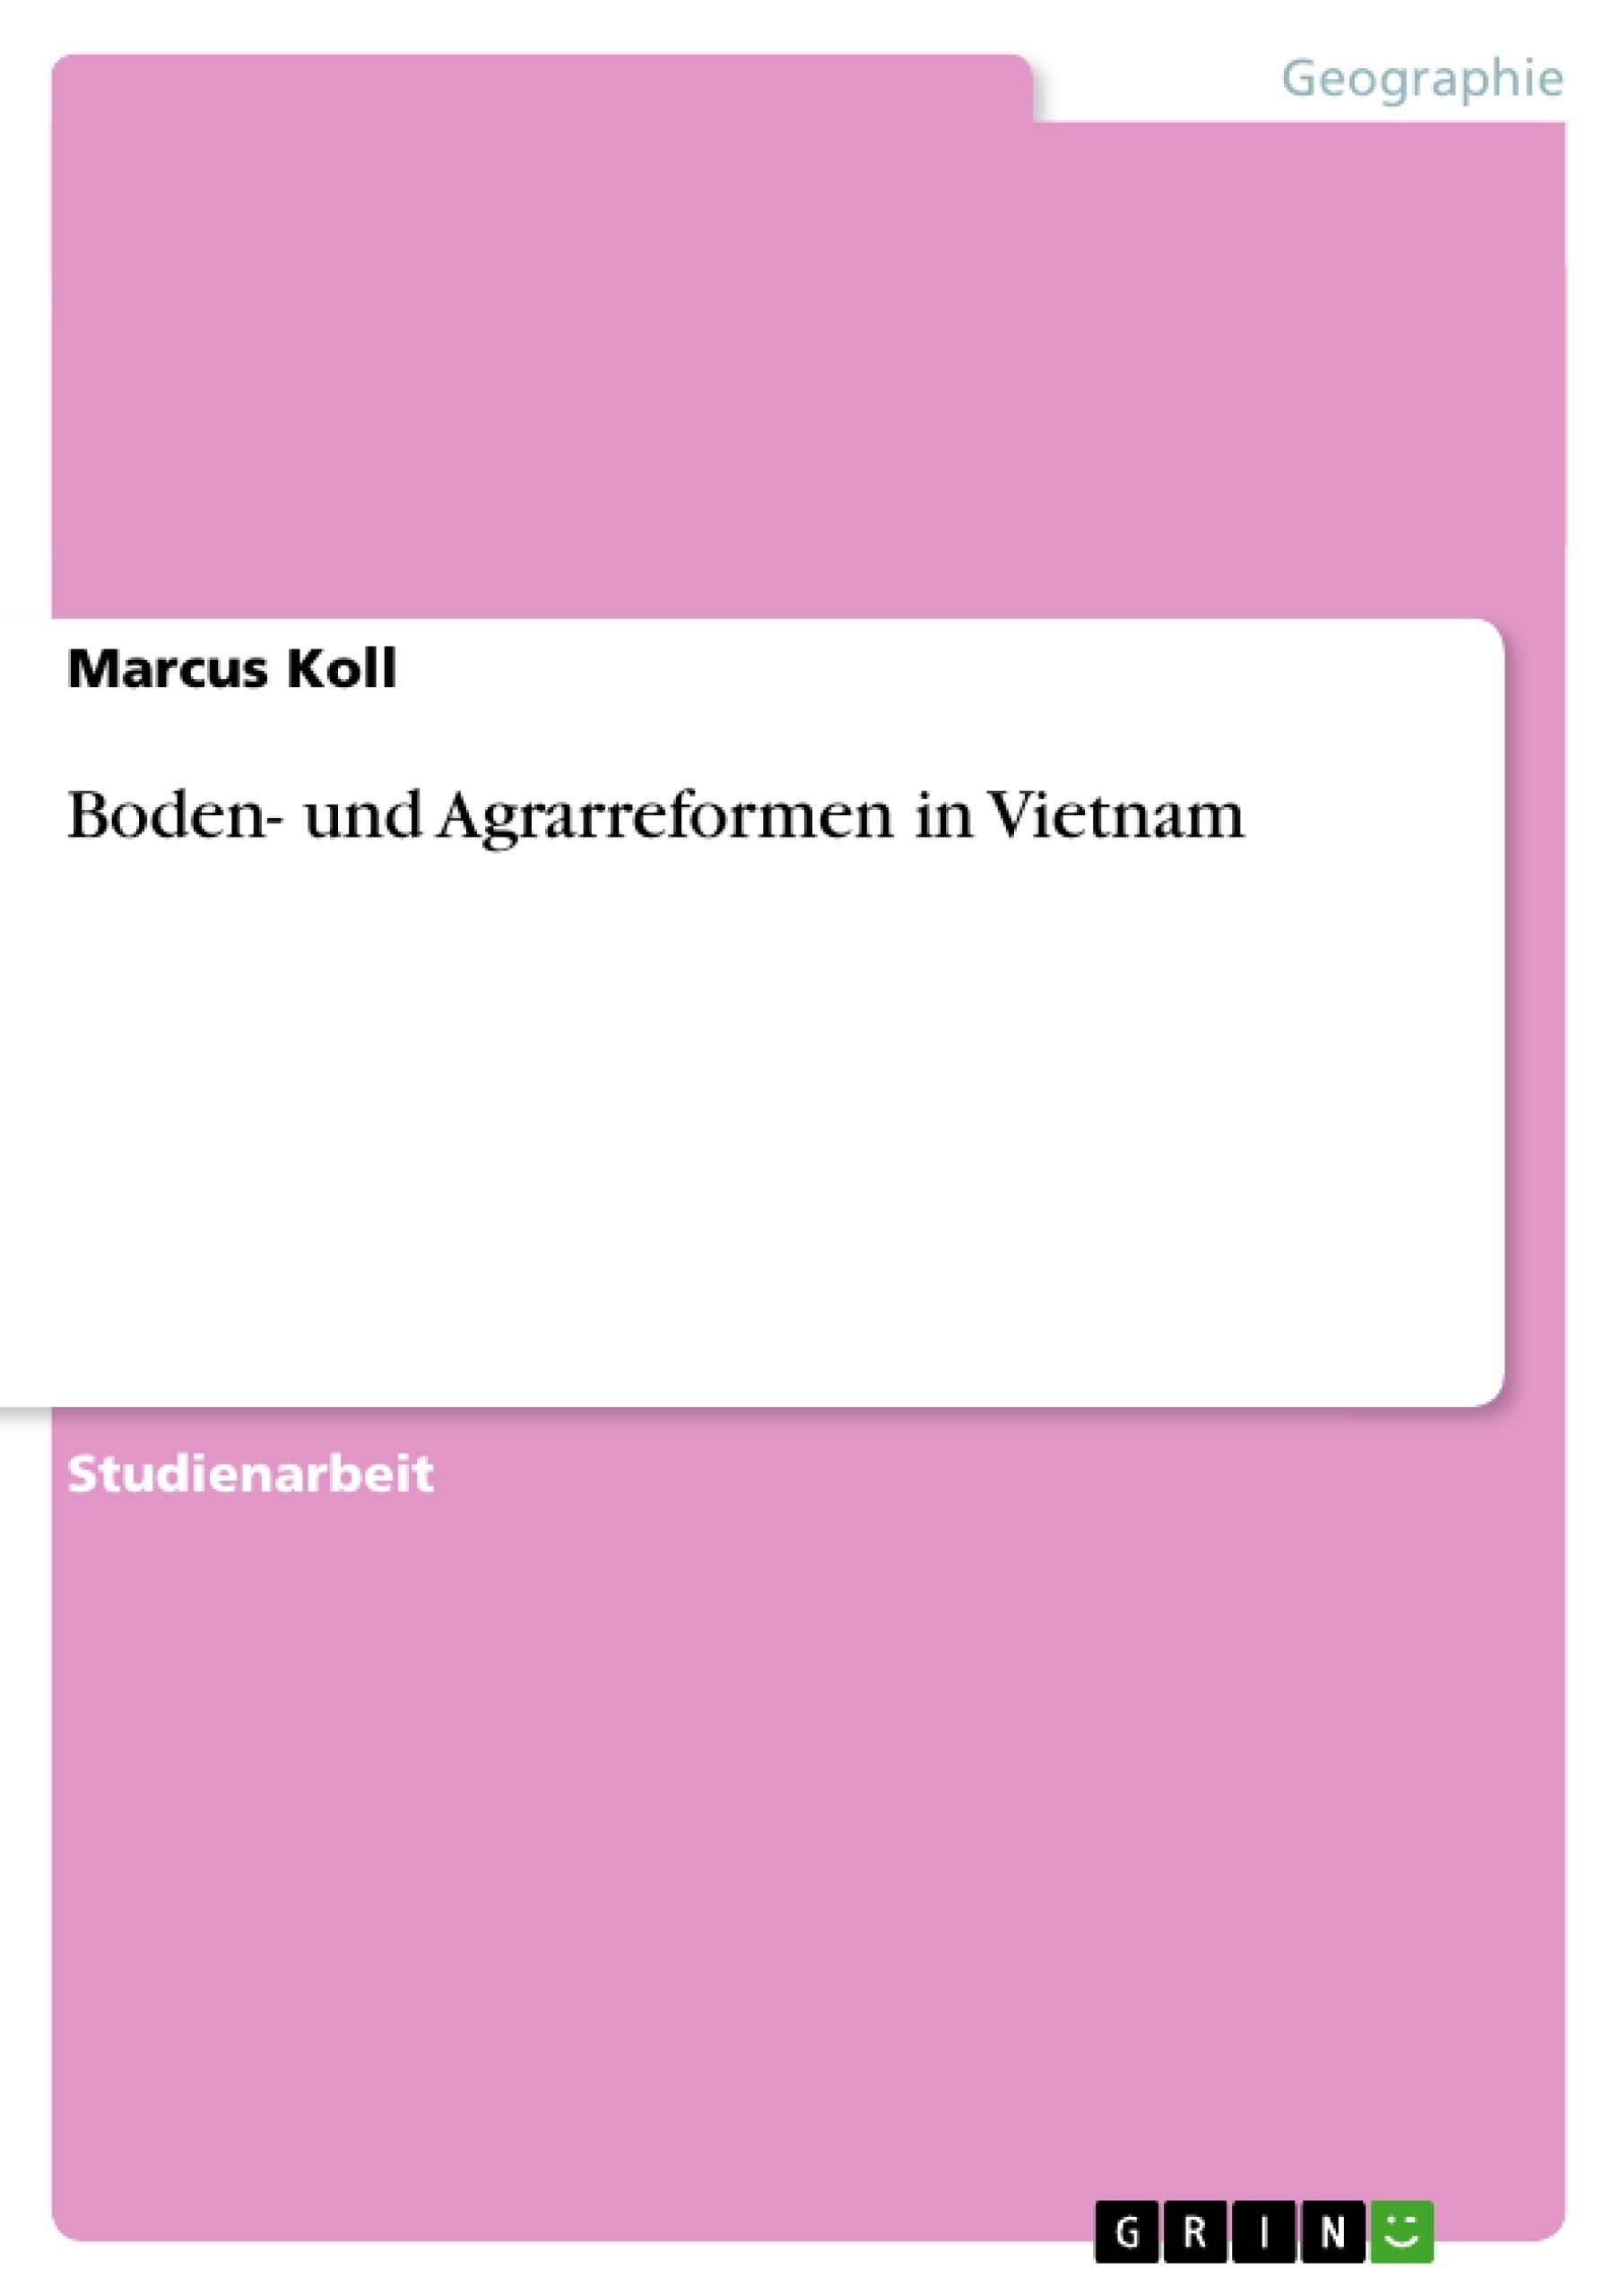 Titel: Boden- und Agrarreformen in Vietnam